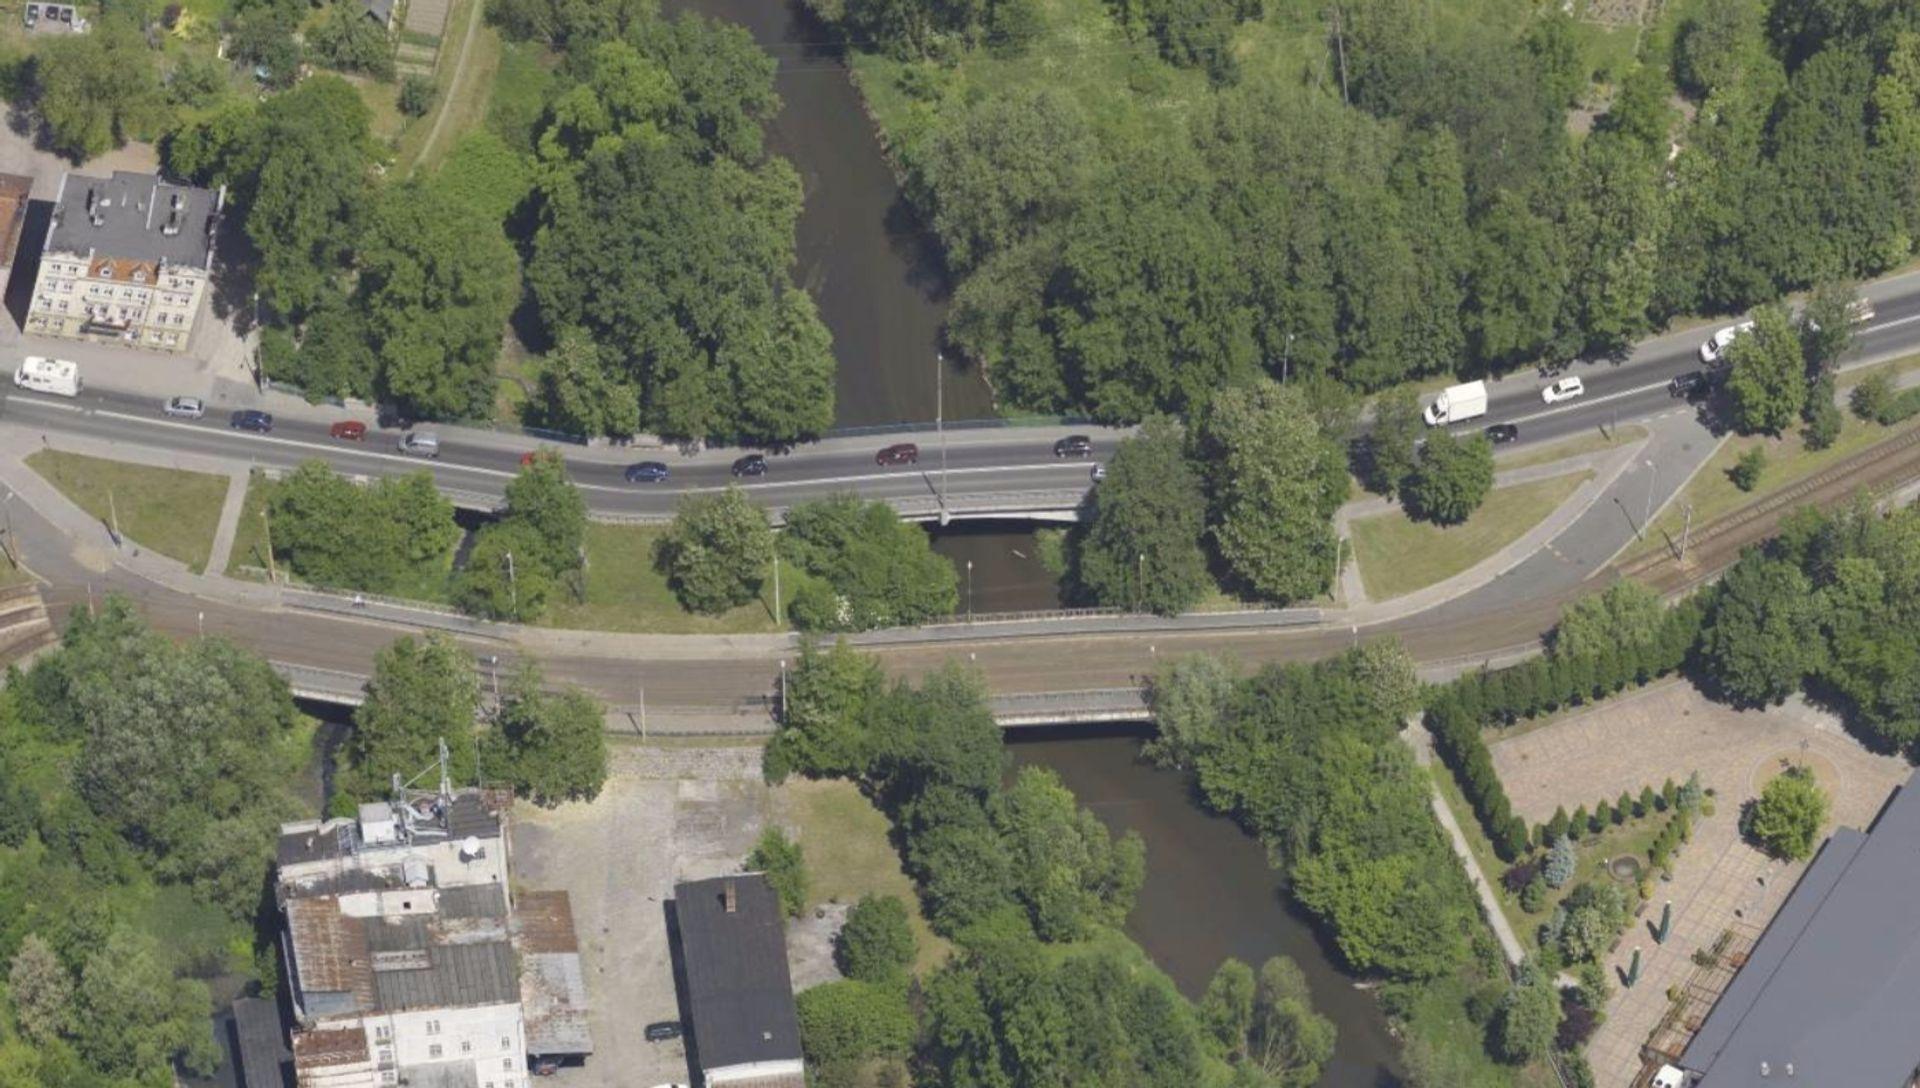 [Wrocław] Mosty Pomorskie i Średzkie pójdą do przebudowy